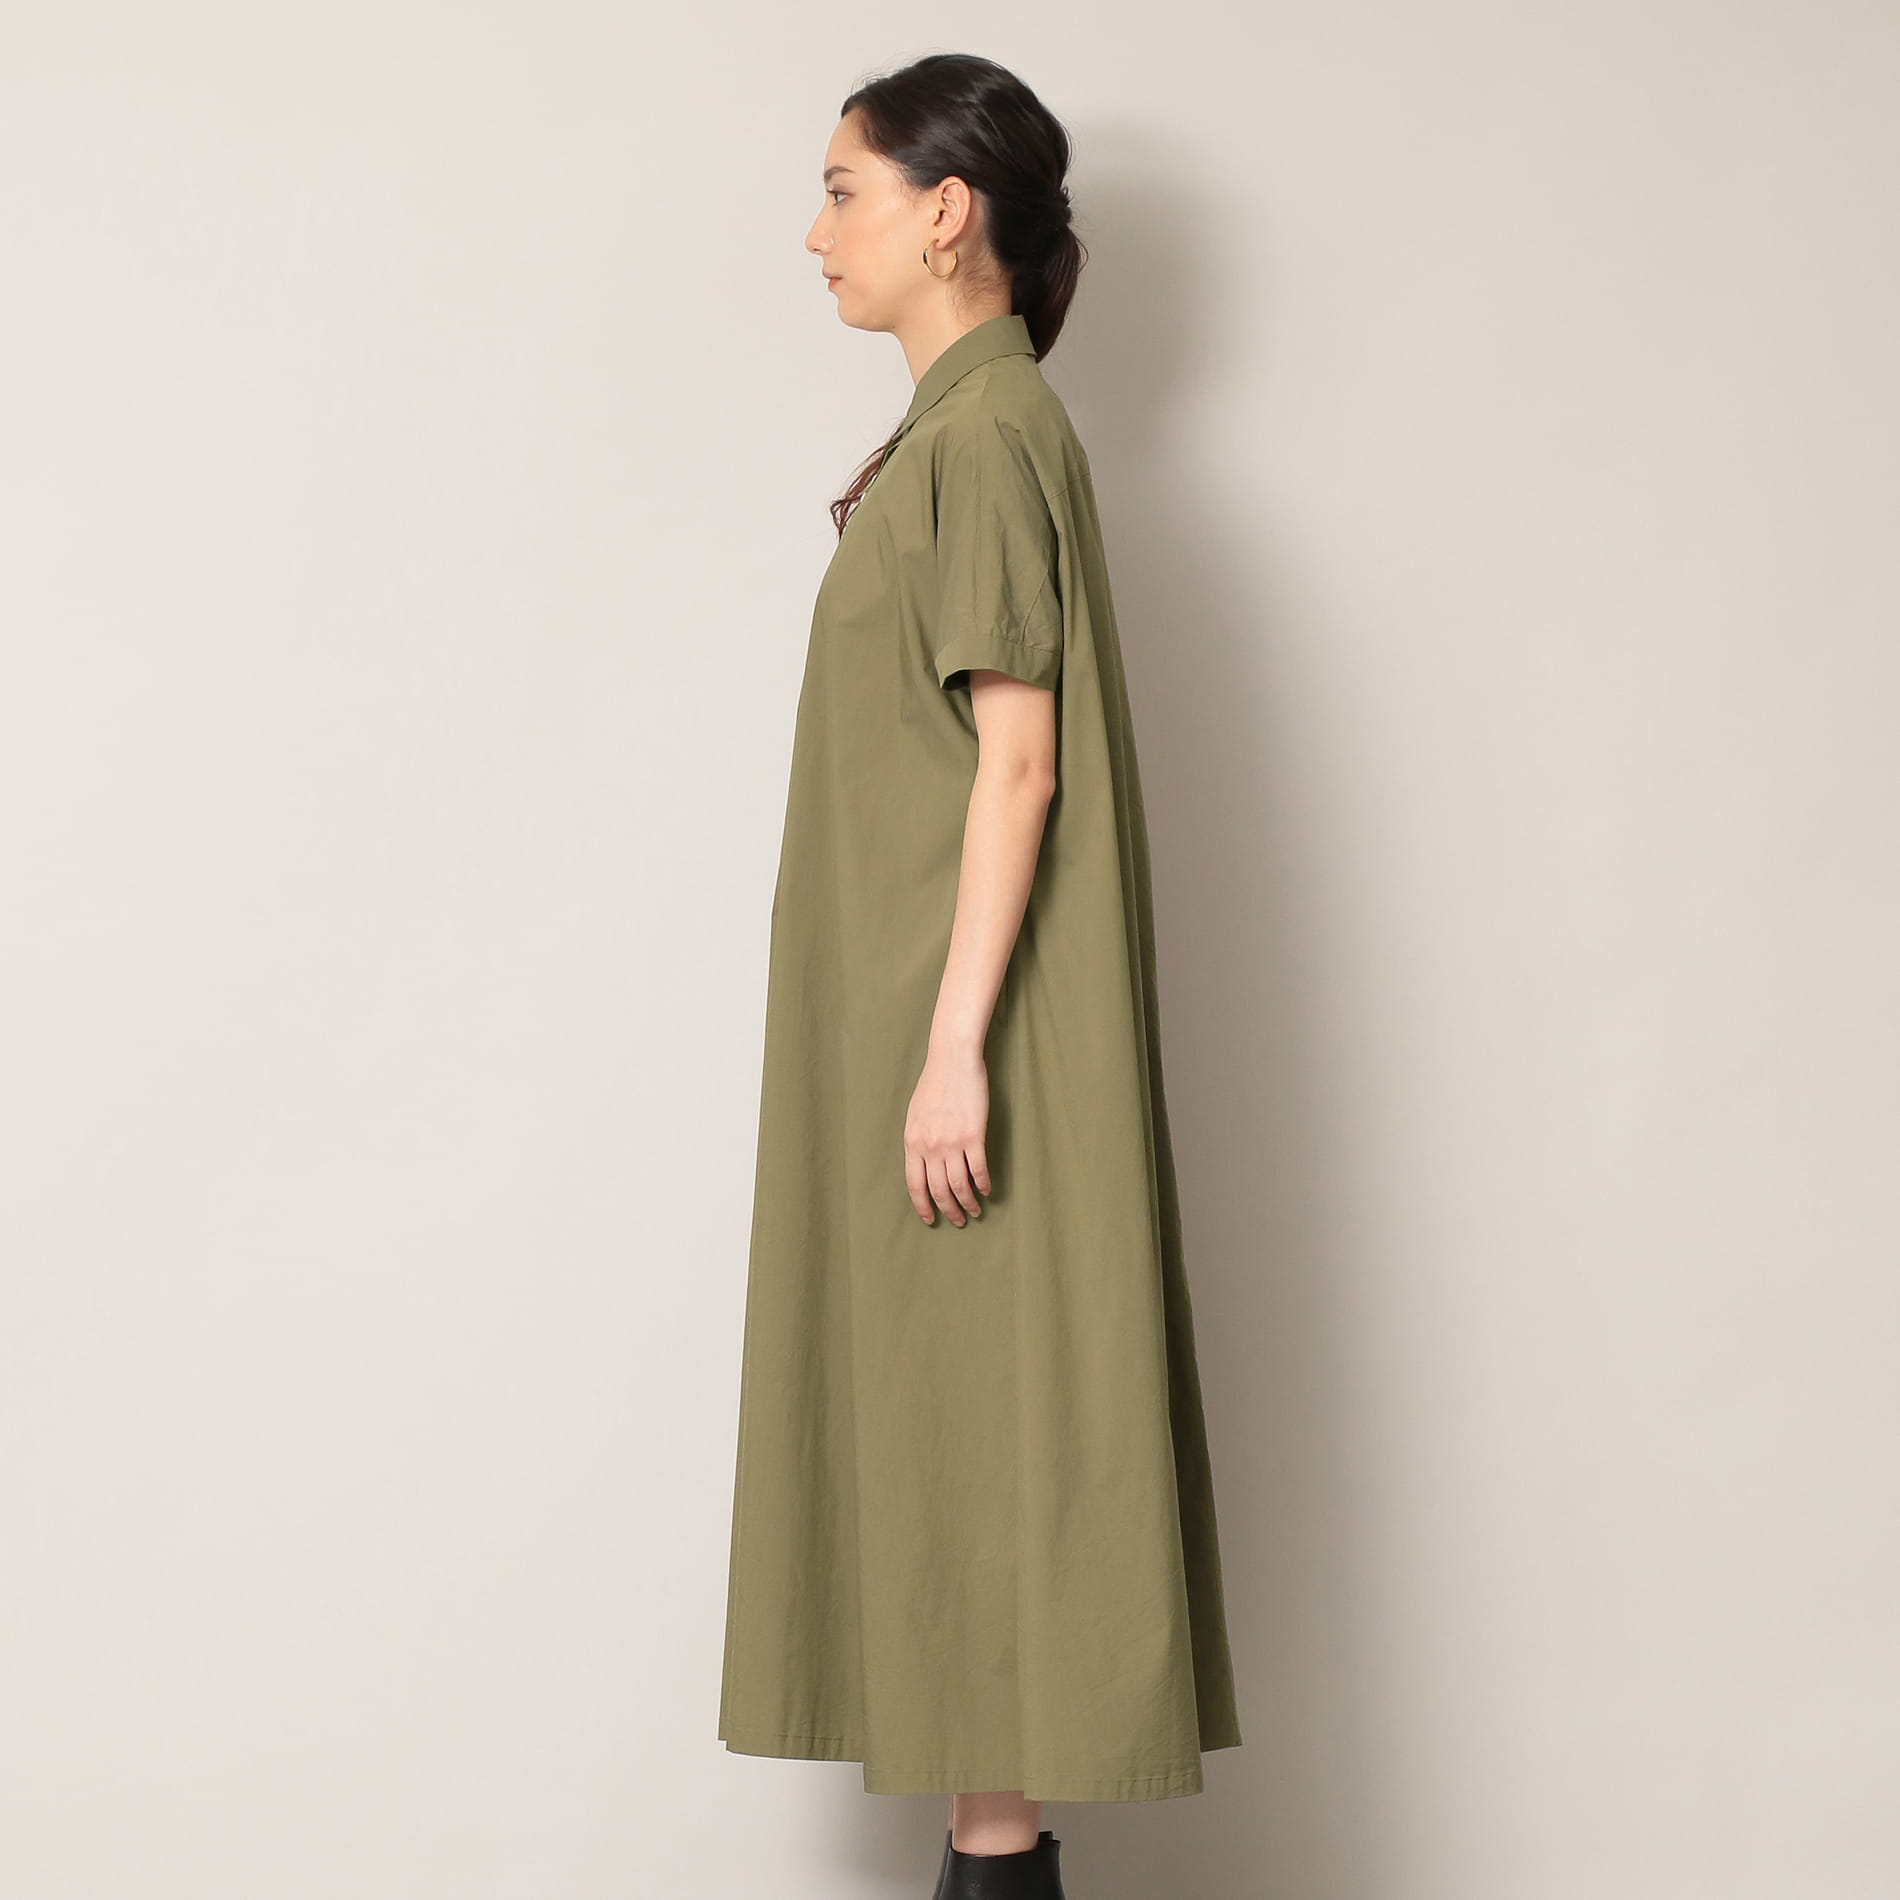 【EPOCA THE SHOP】フロントボタンシャツドレス